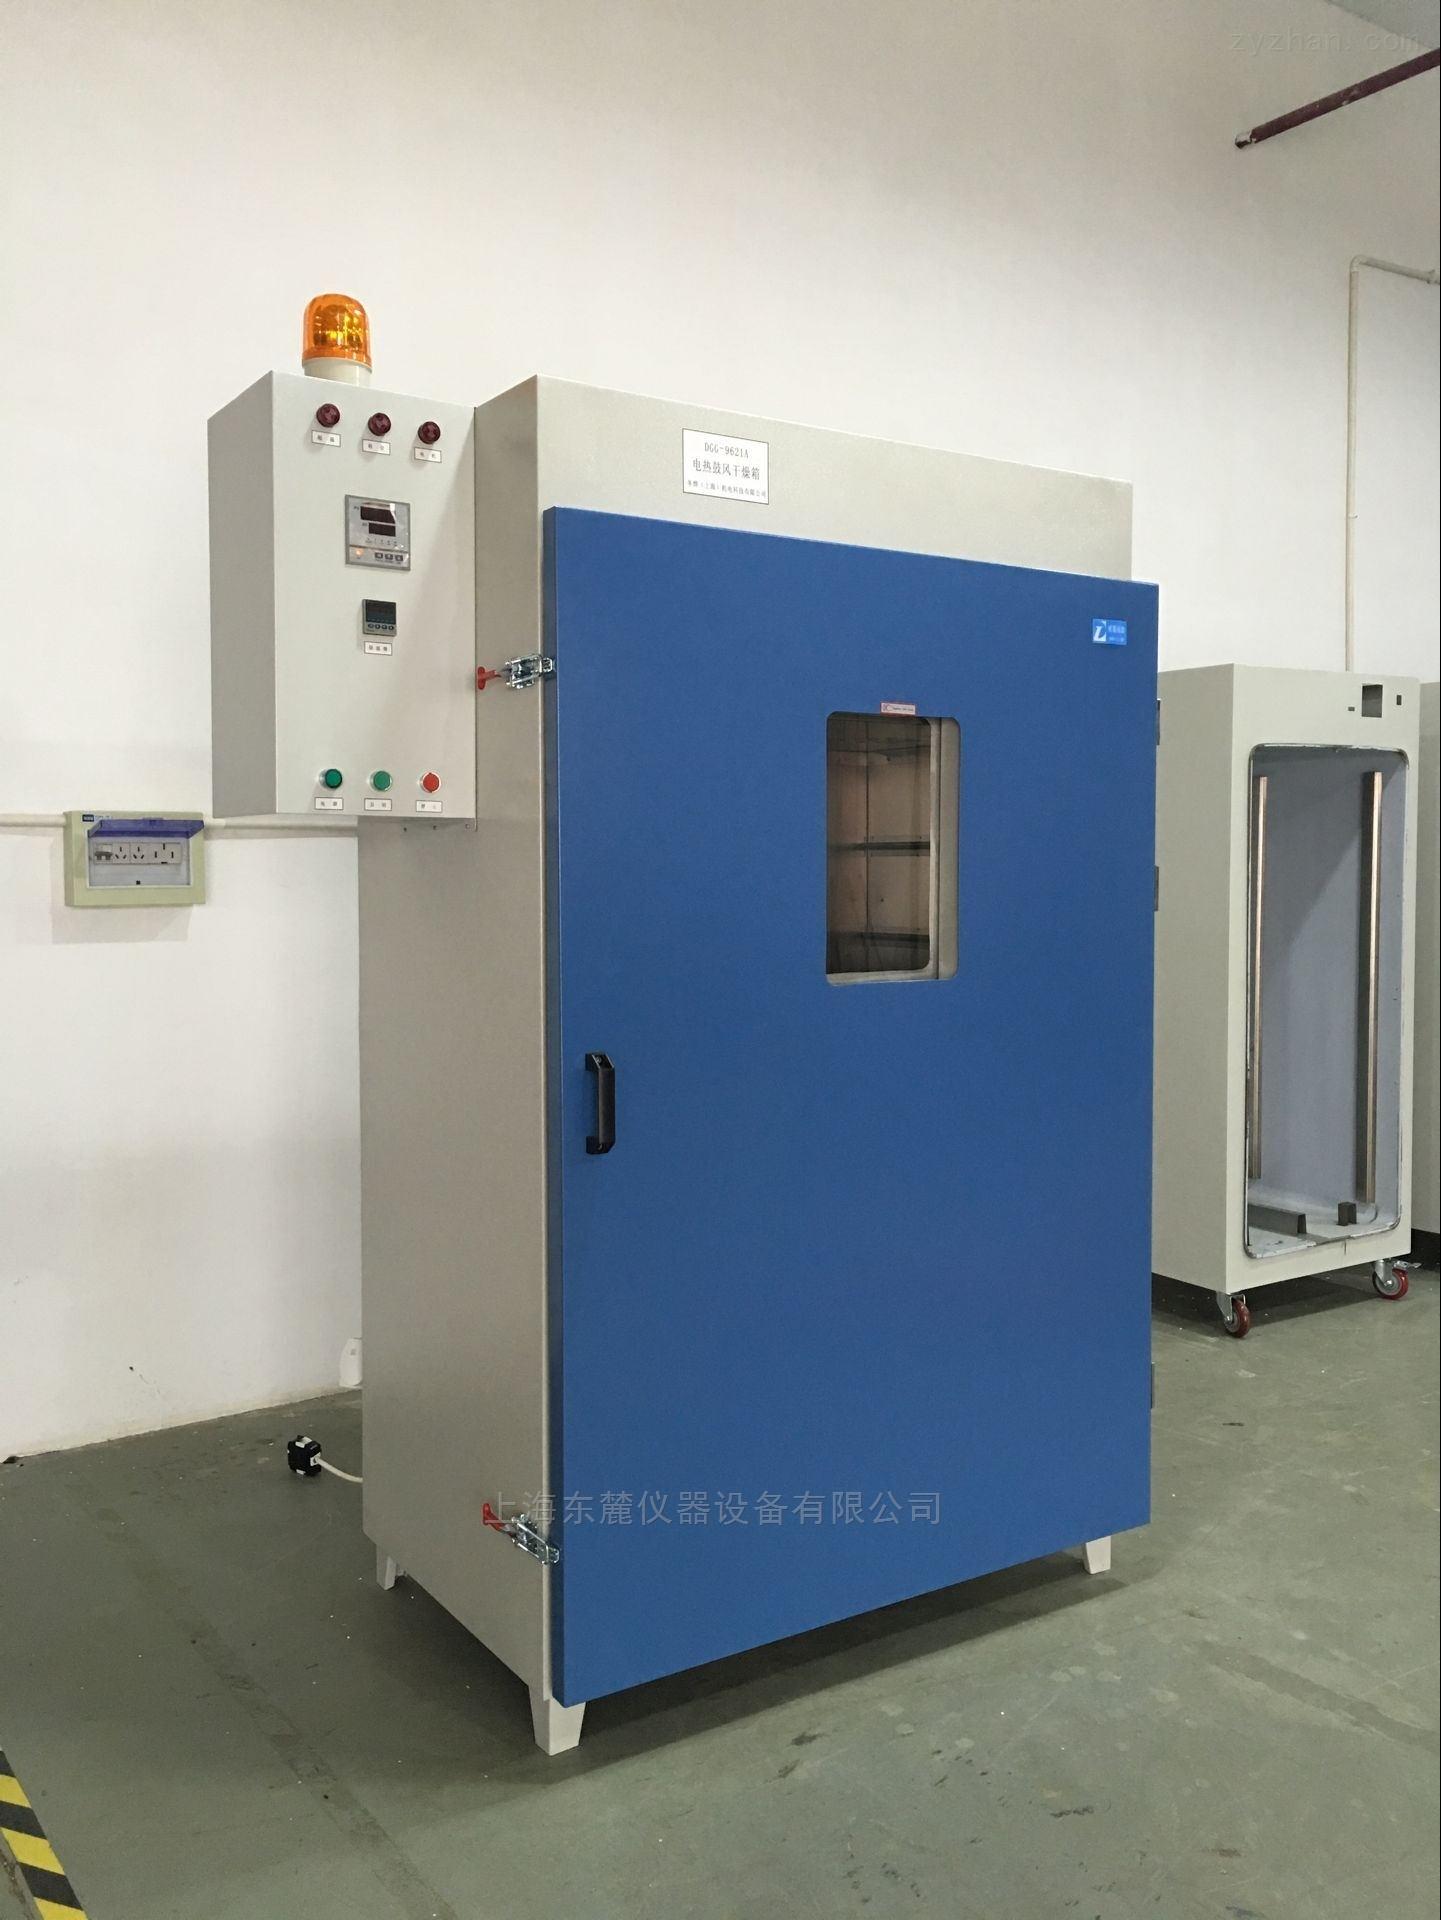 供应加蜂鸣超温报警器干燥箱